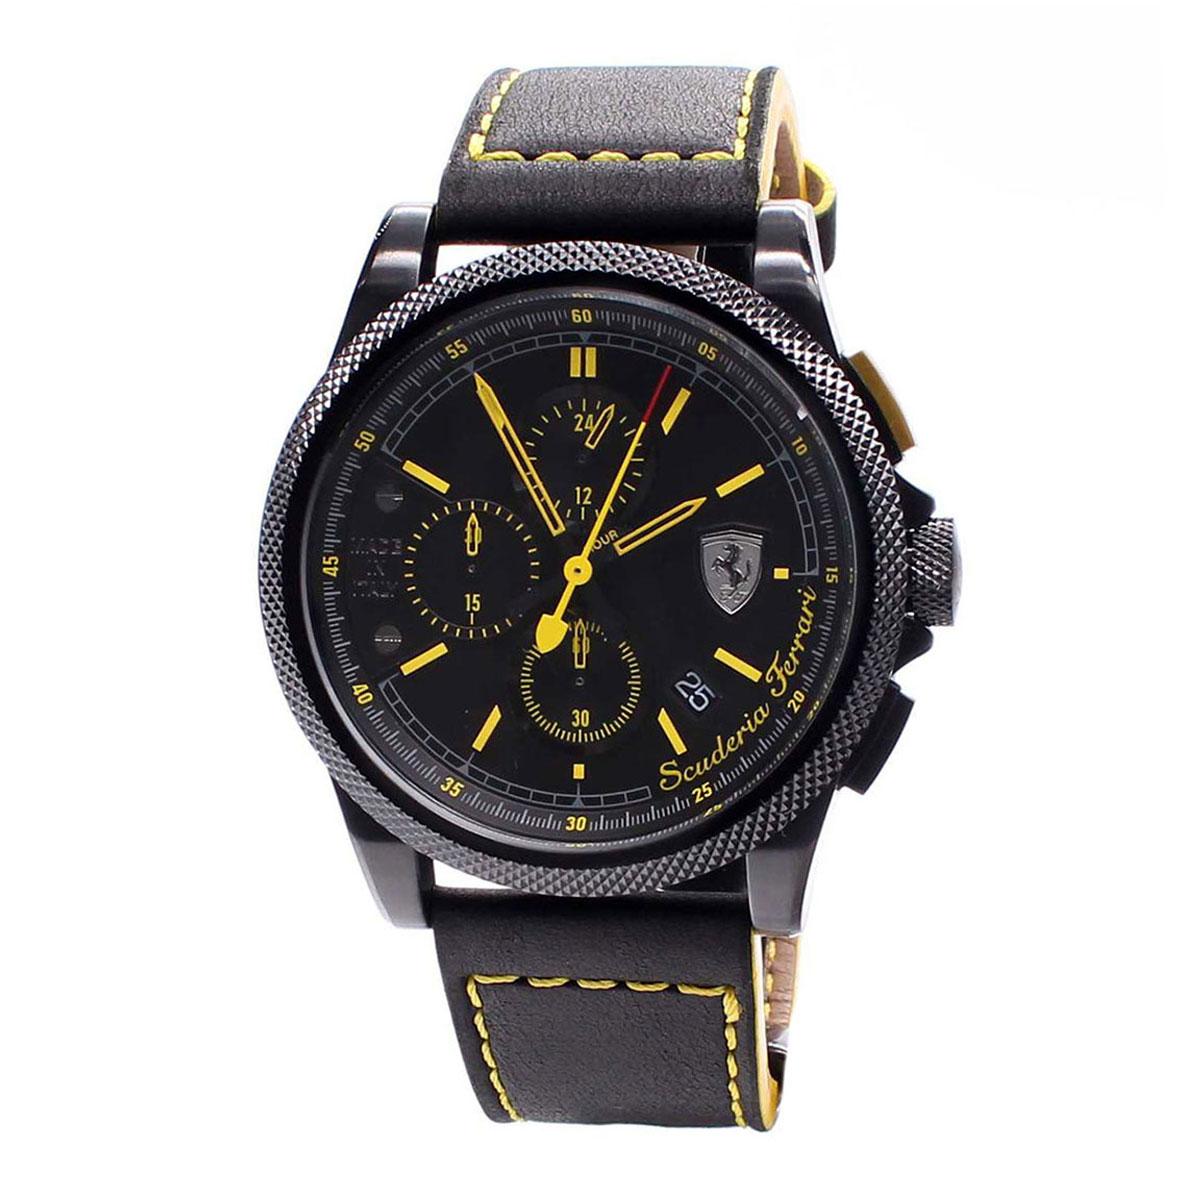 นาฬิกาผู้ชาย Ferrari รุ่น 0830274, Formula Italia